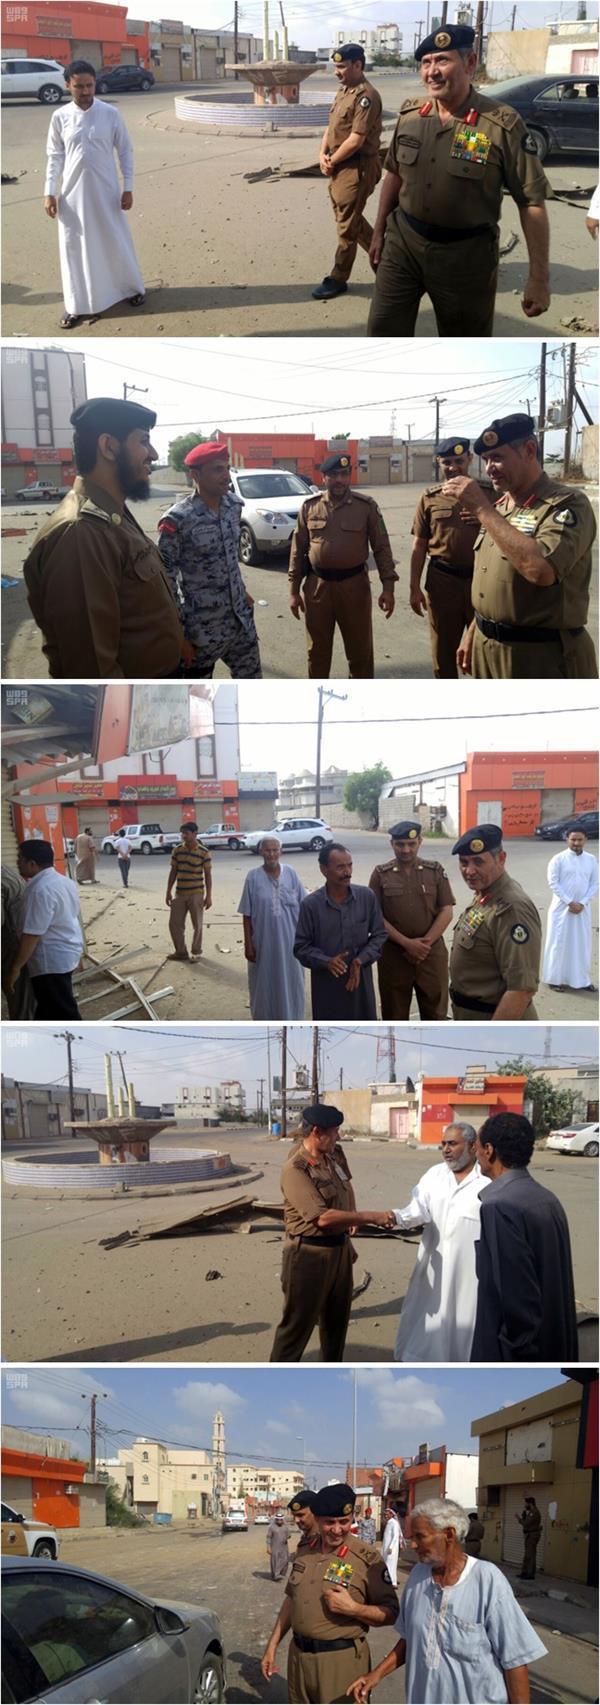 مدير شرطة جازان يتفقد الأضرار التي أحدثتها مقذوفات الحوثي بالطوال: